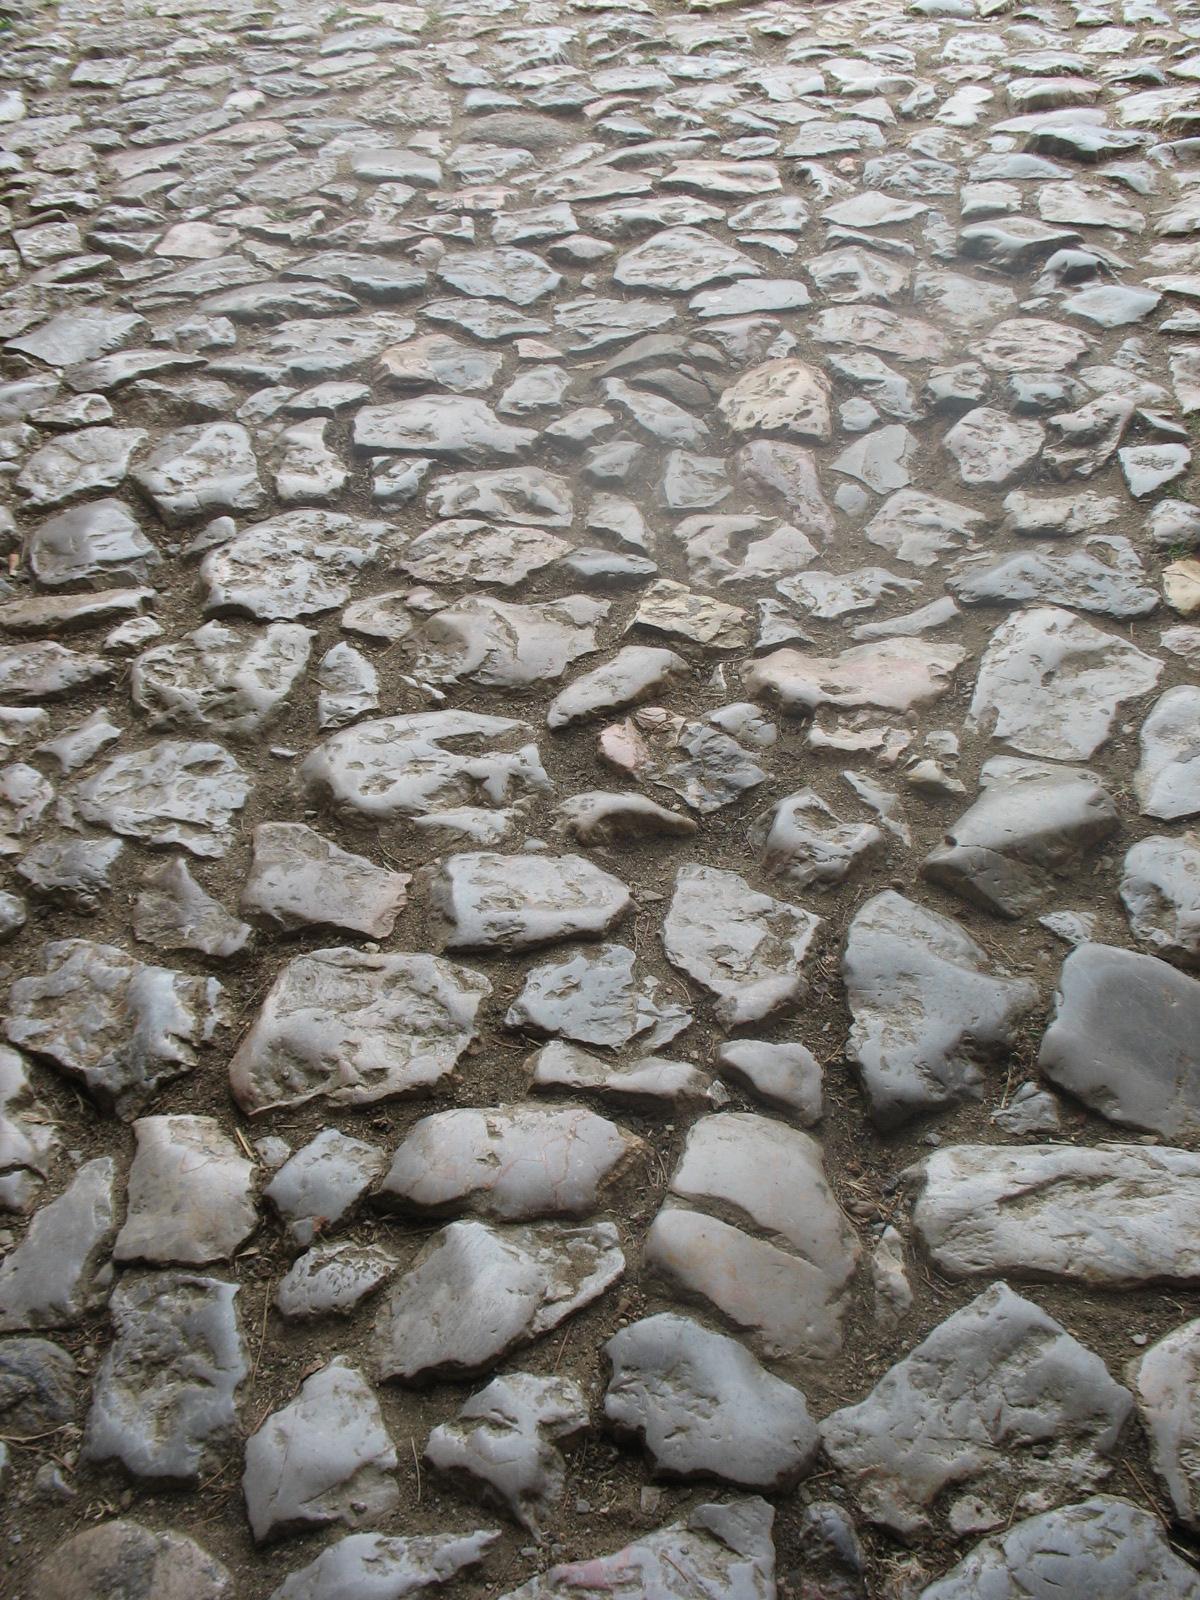 camino de piedras artesonja